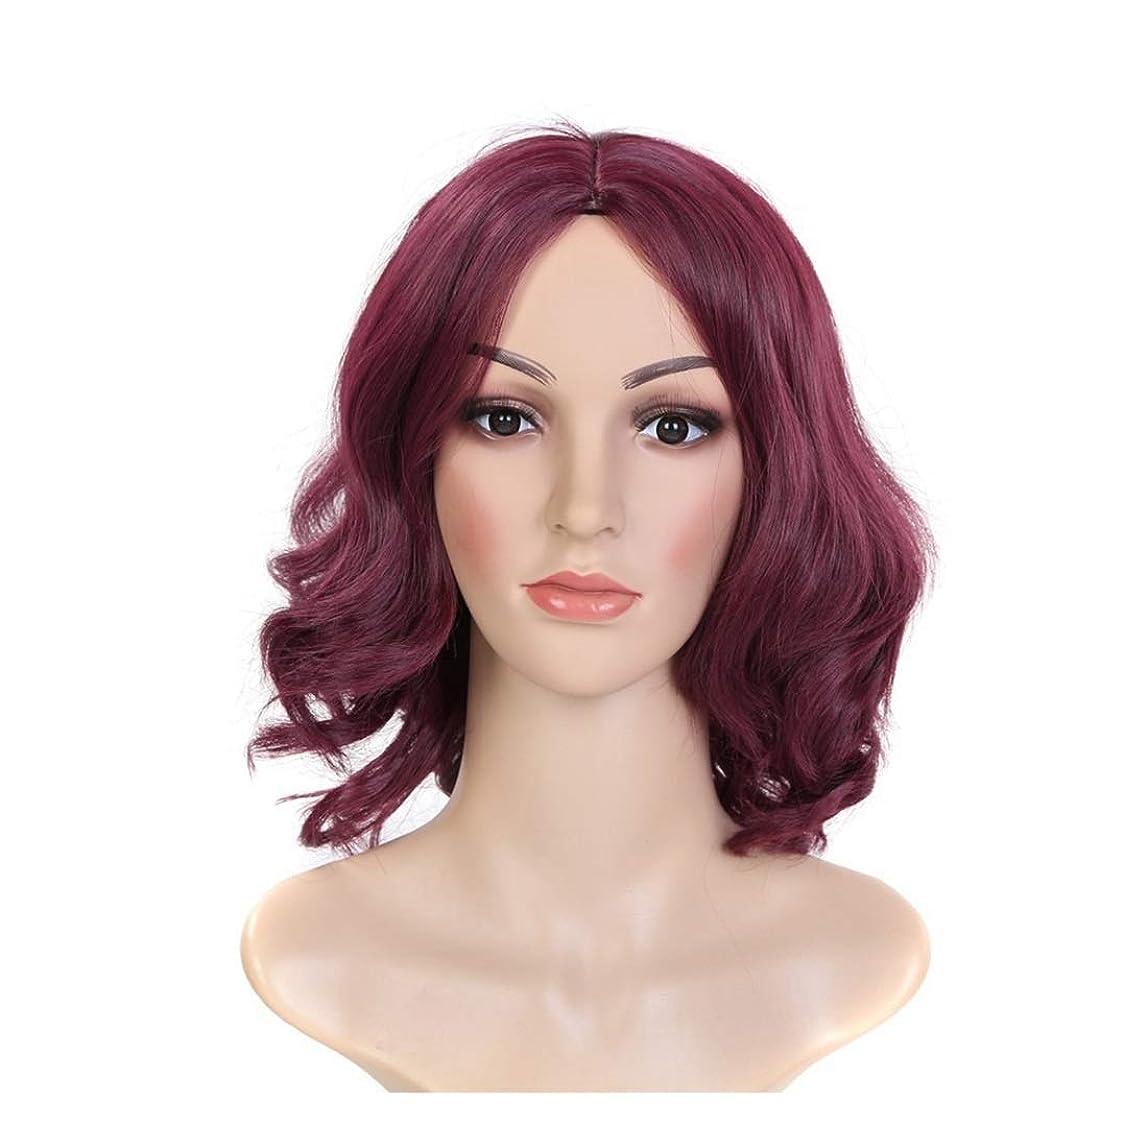 友だち甲虫奨学金ワイン赤い気質分割したかつらの帽子は、女性のための顔の短い縮毛のかつら (Color : Red wine)